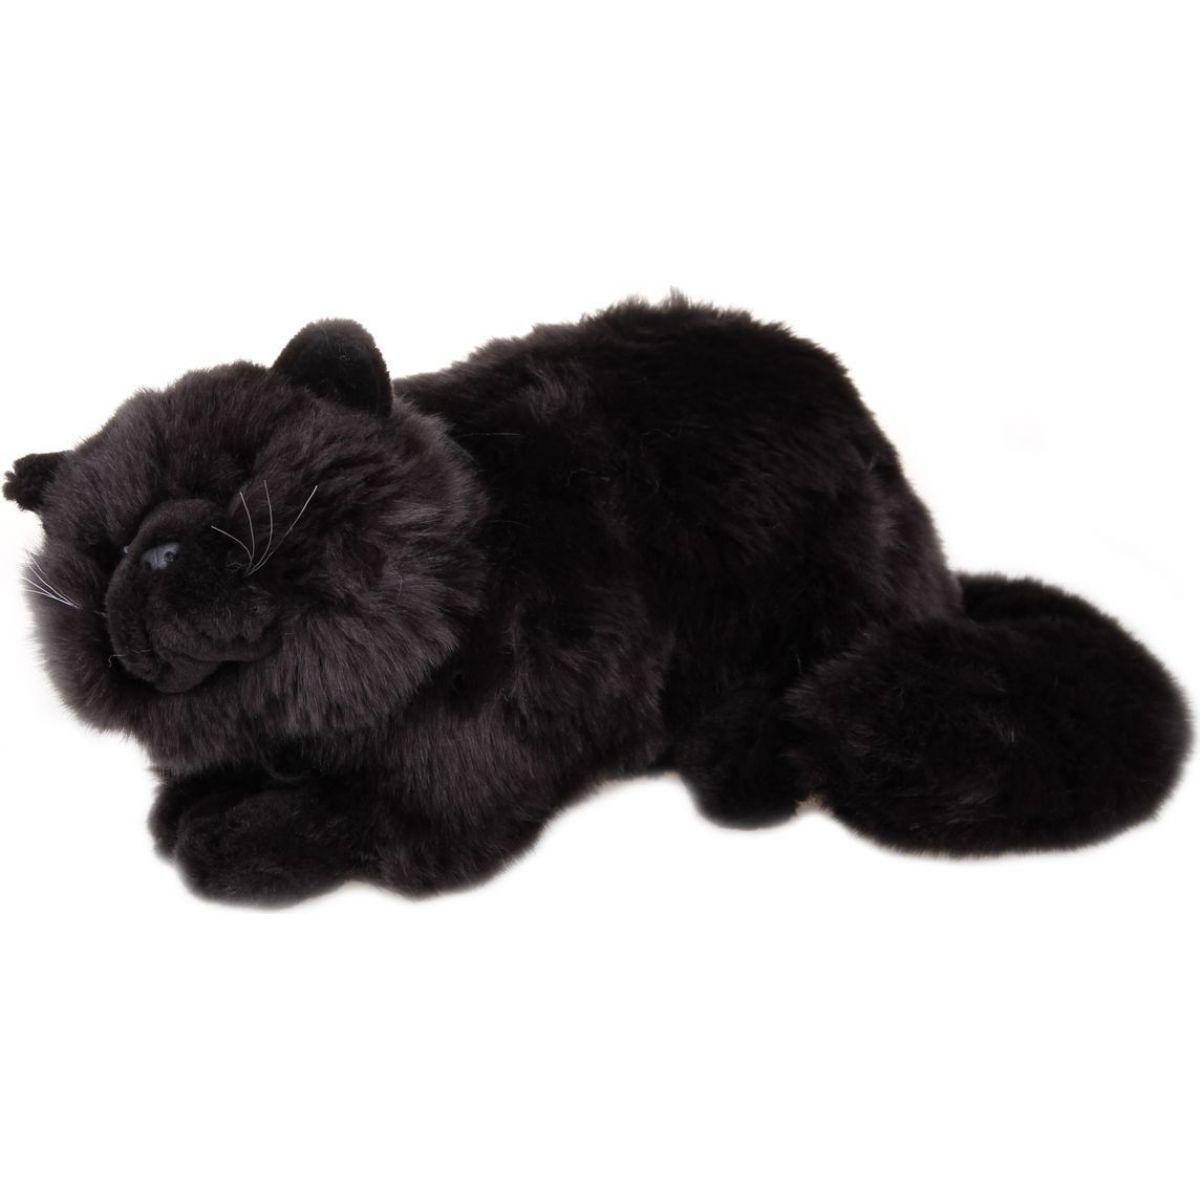 černá kočička krémová